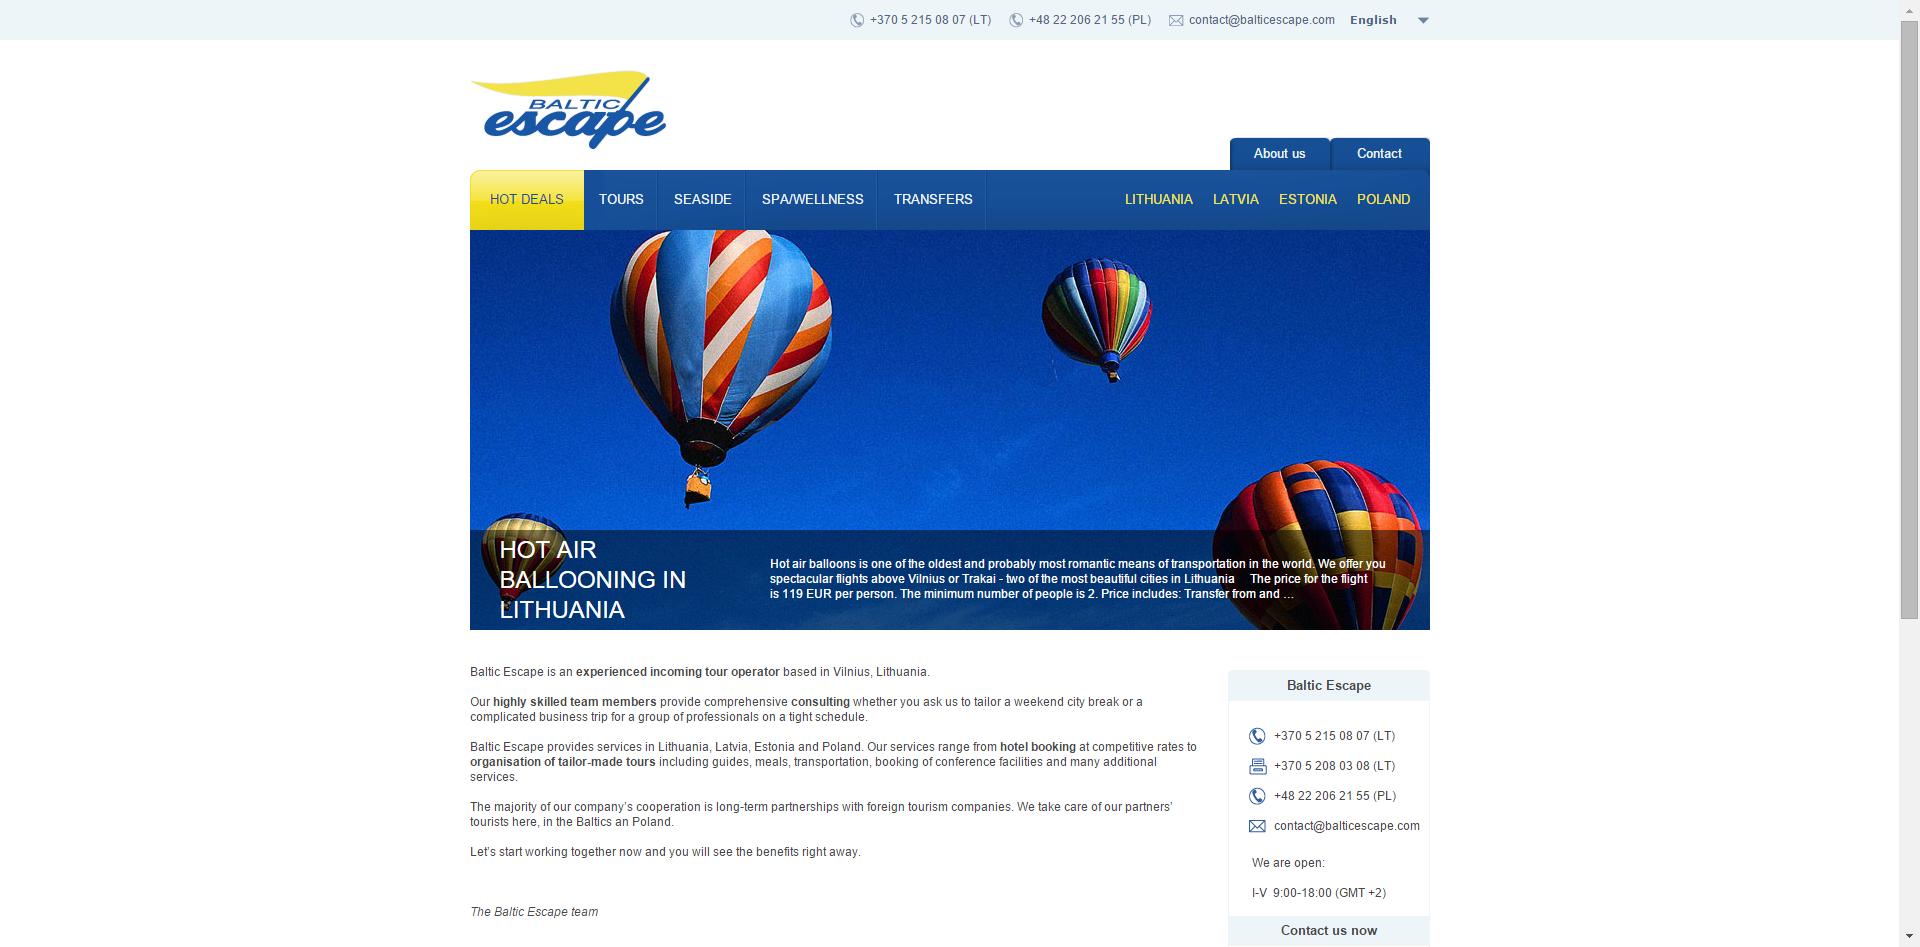 BalticEscape.com